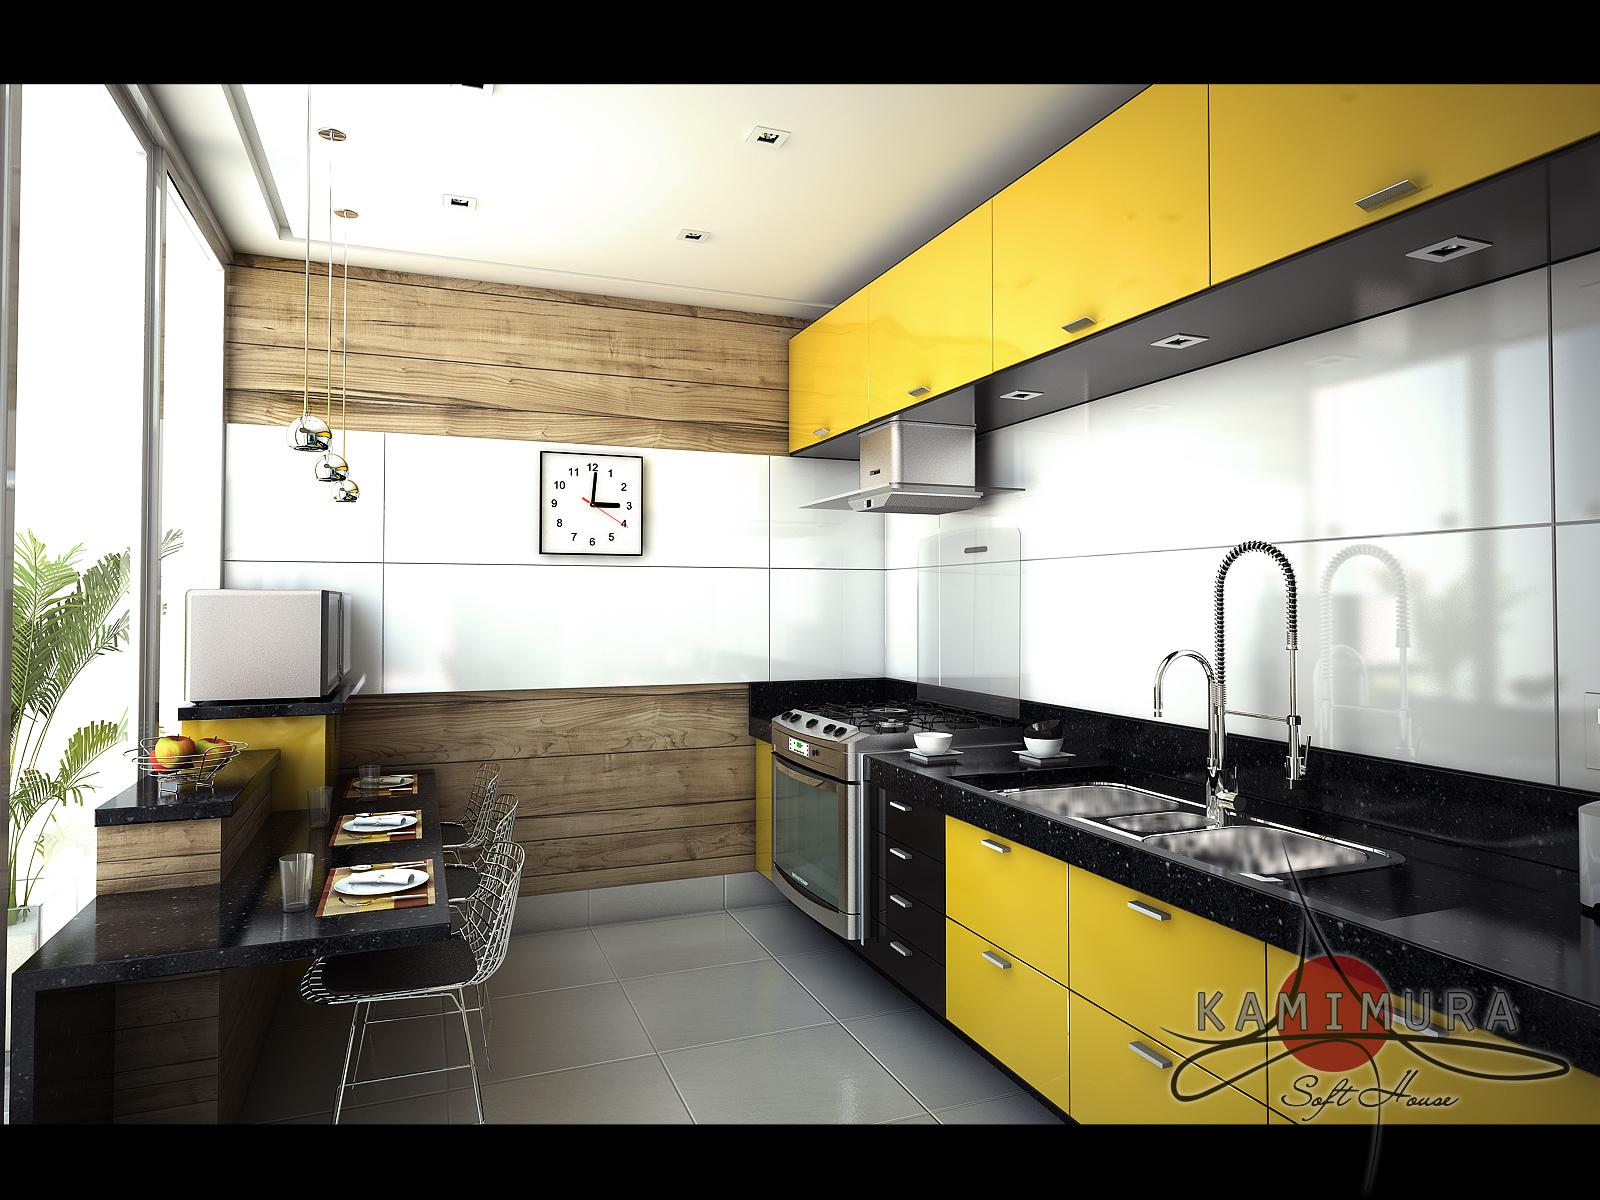 rodrigo kamimura arquitetura design design de interiores cozinha reforma chris. Black Bedroom Furniture Sets. Home Design Ideas